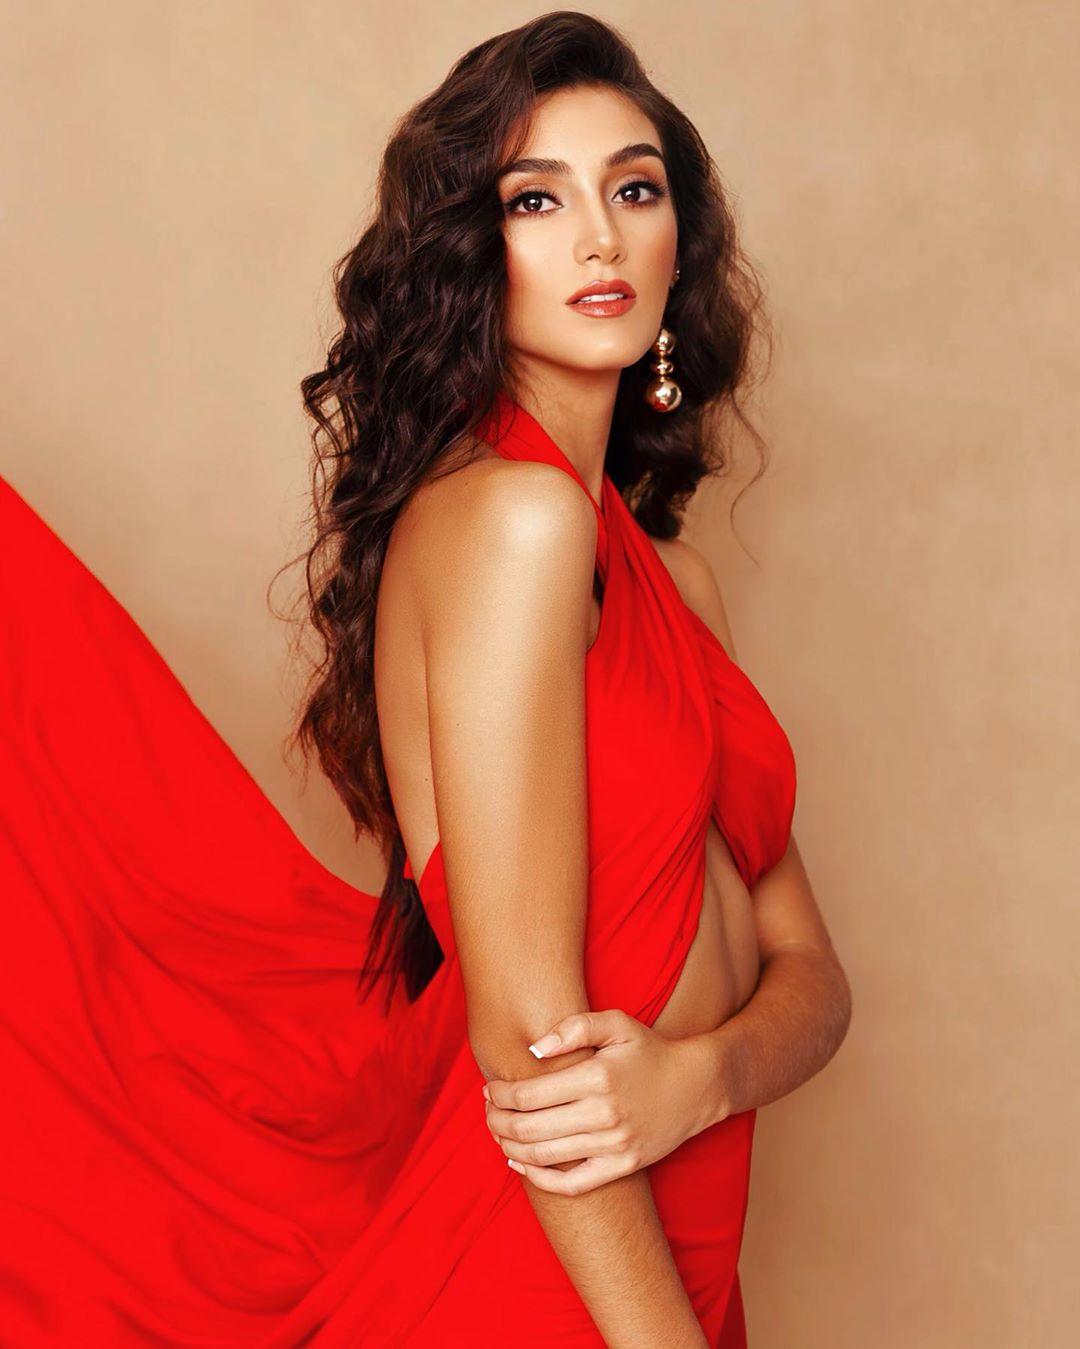 mariana jaramillo, miss charm colombia 2020. 98161310